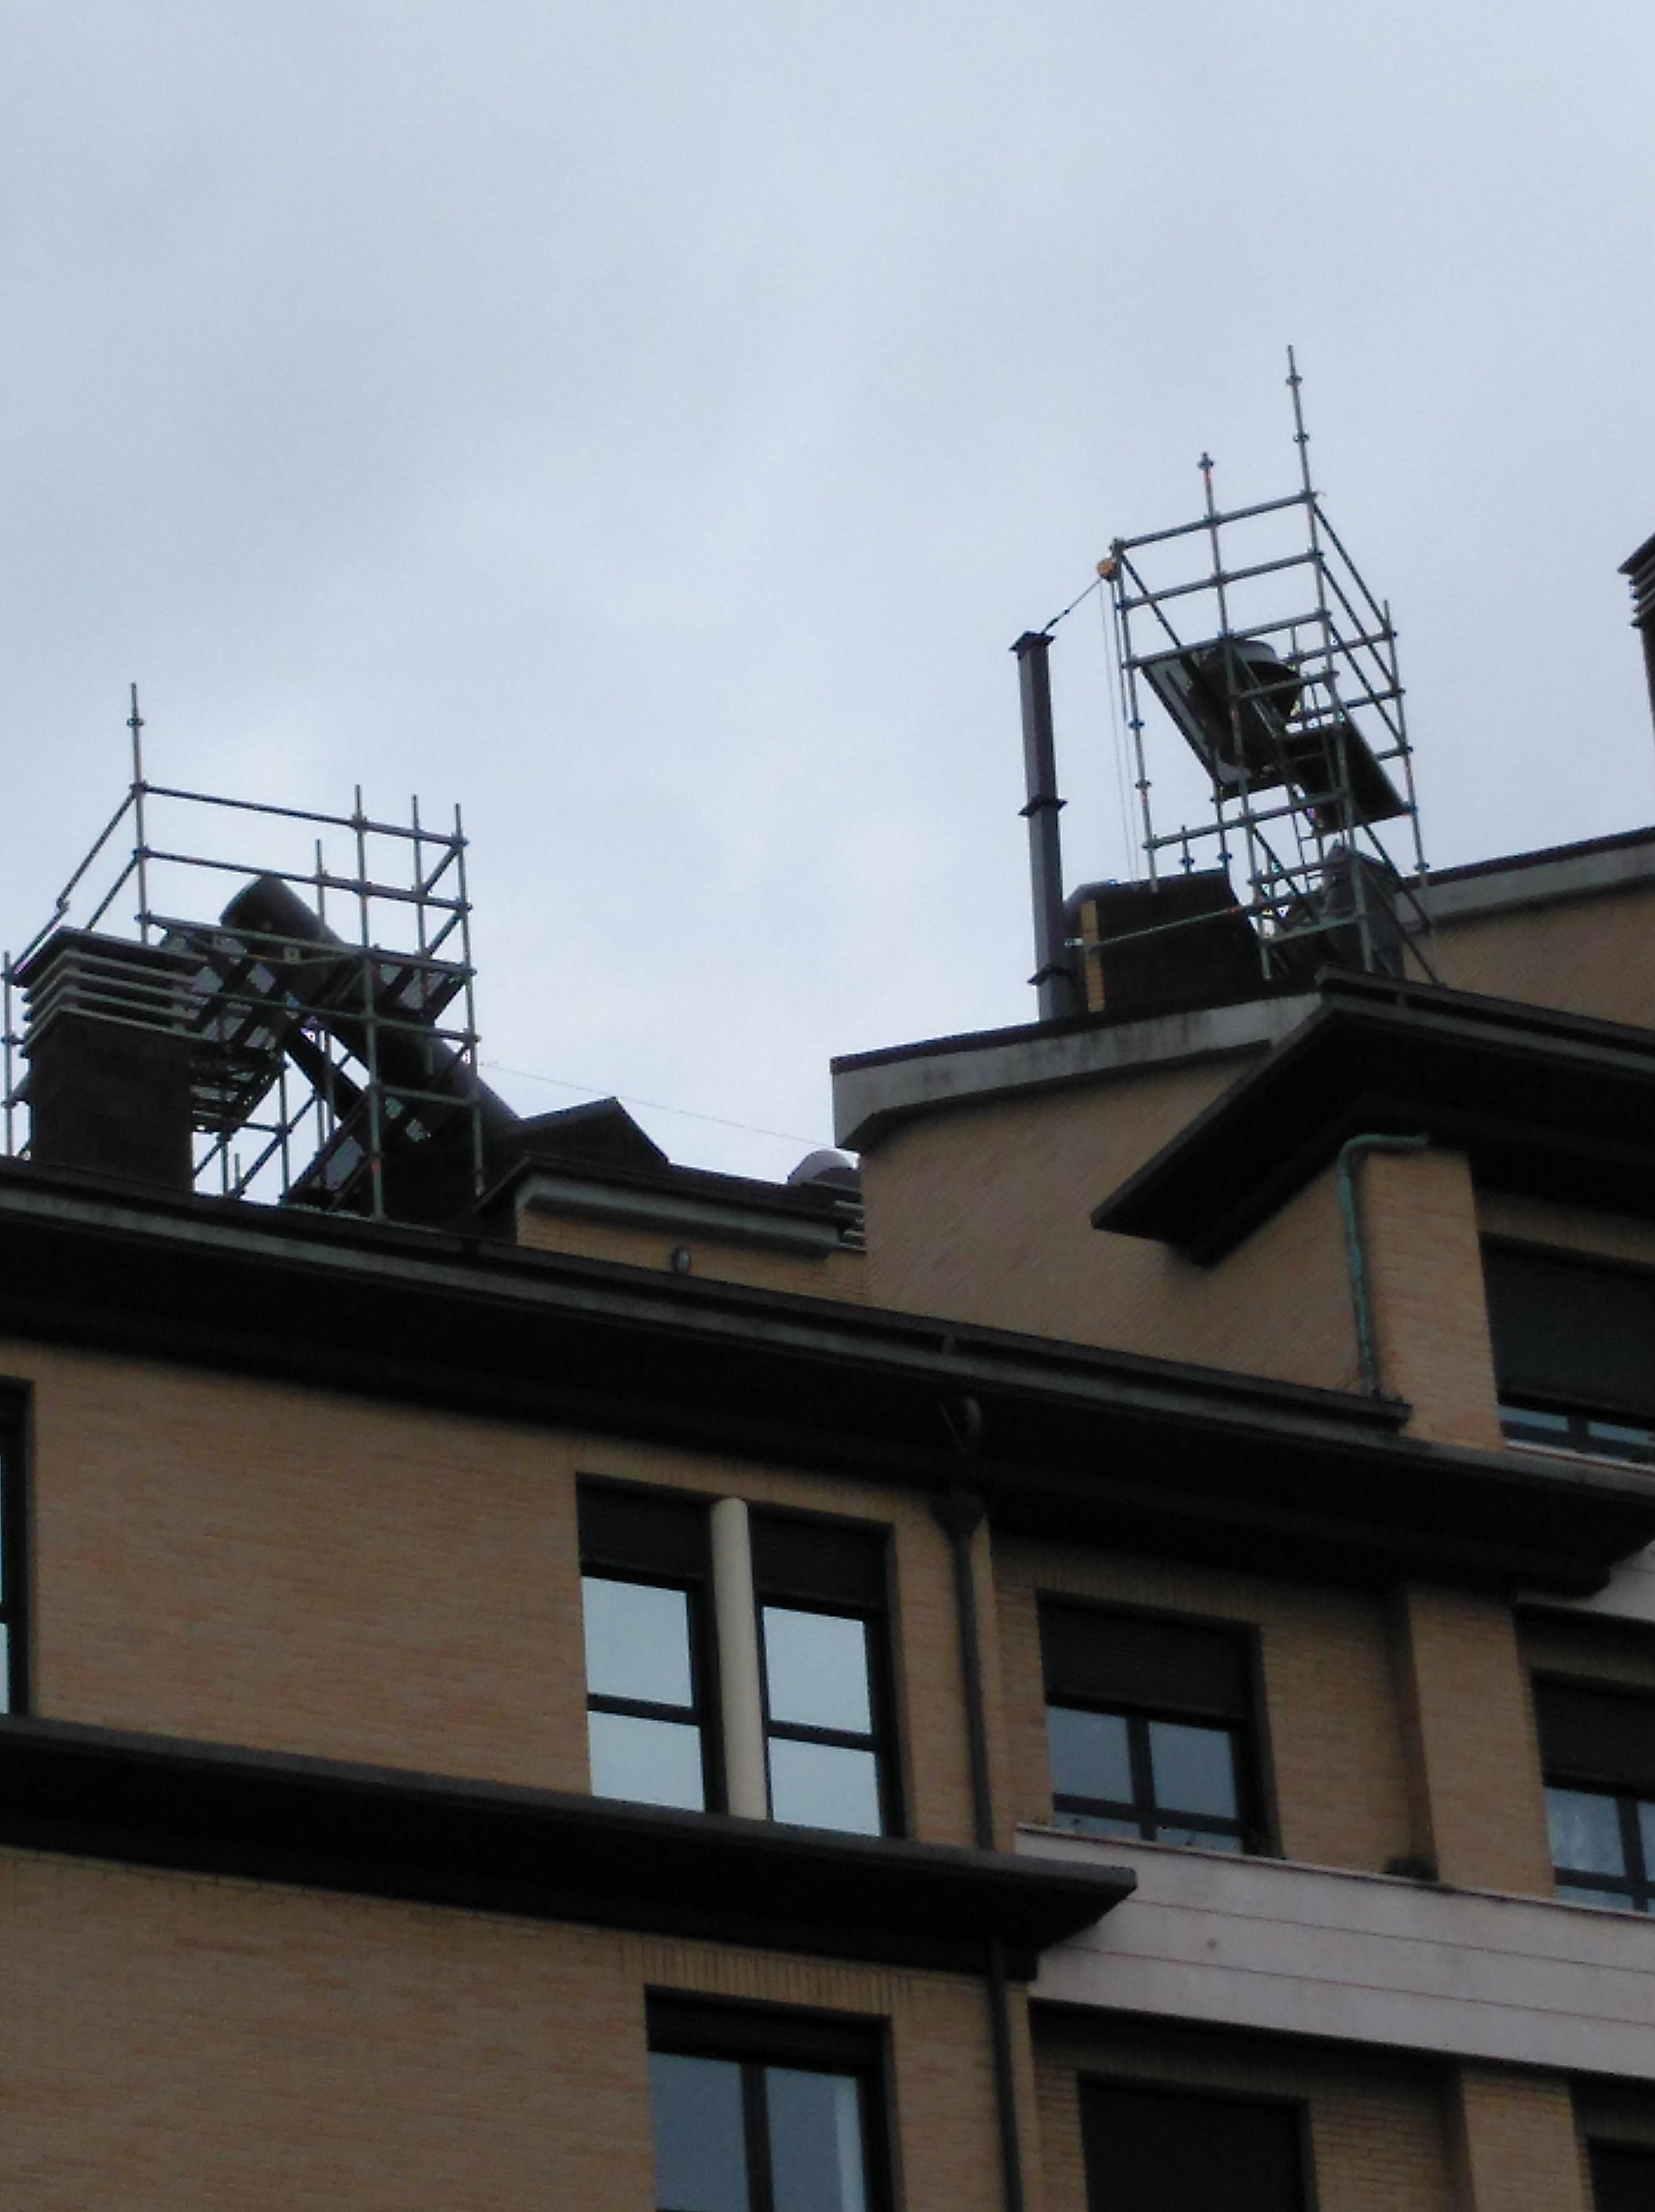 Estructuras de soporte y chimeneas